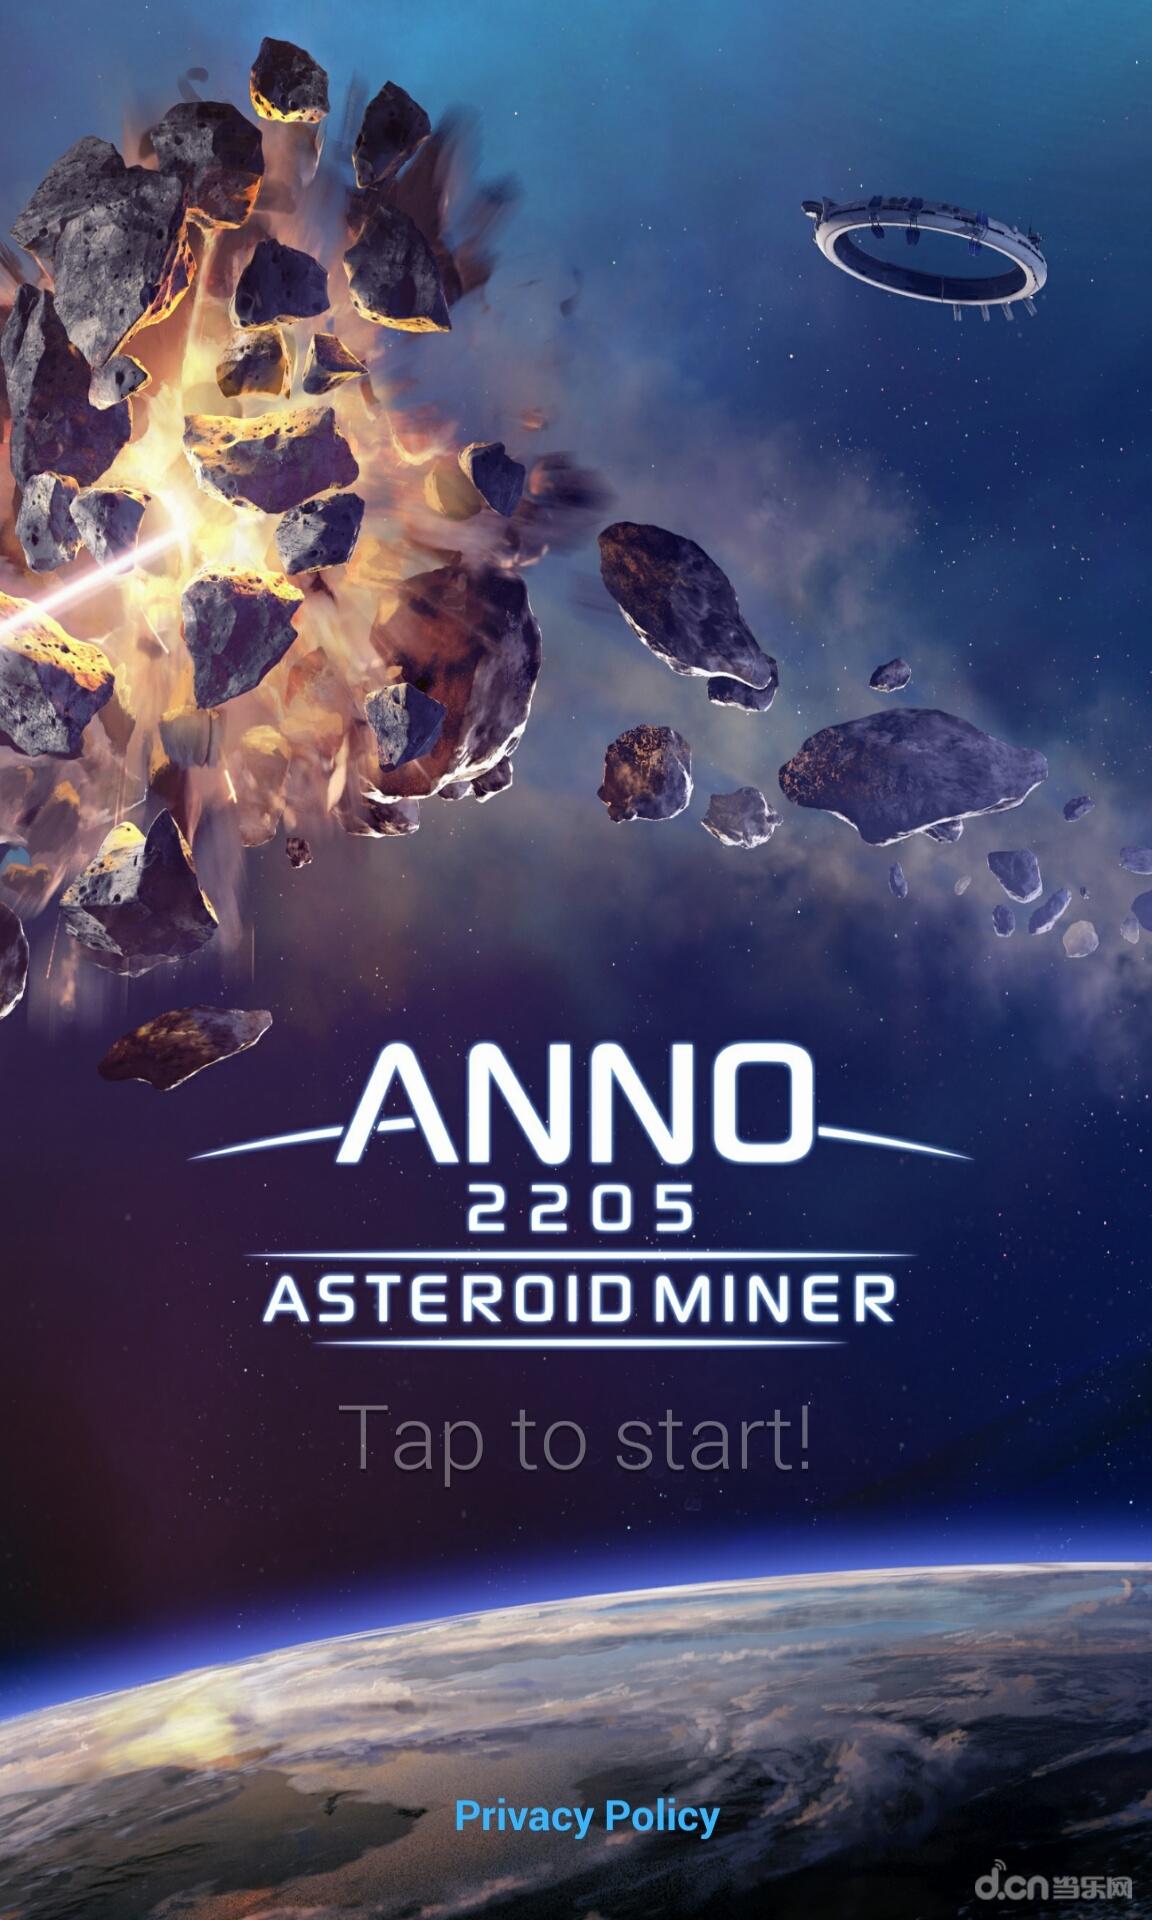 纪元2205:小行星矿工